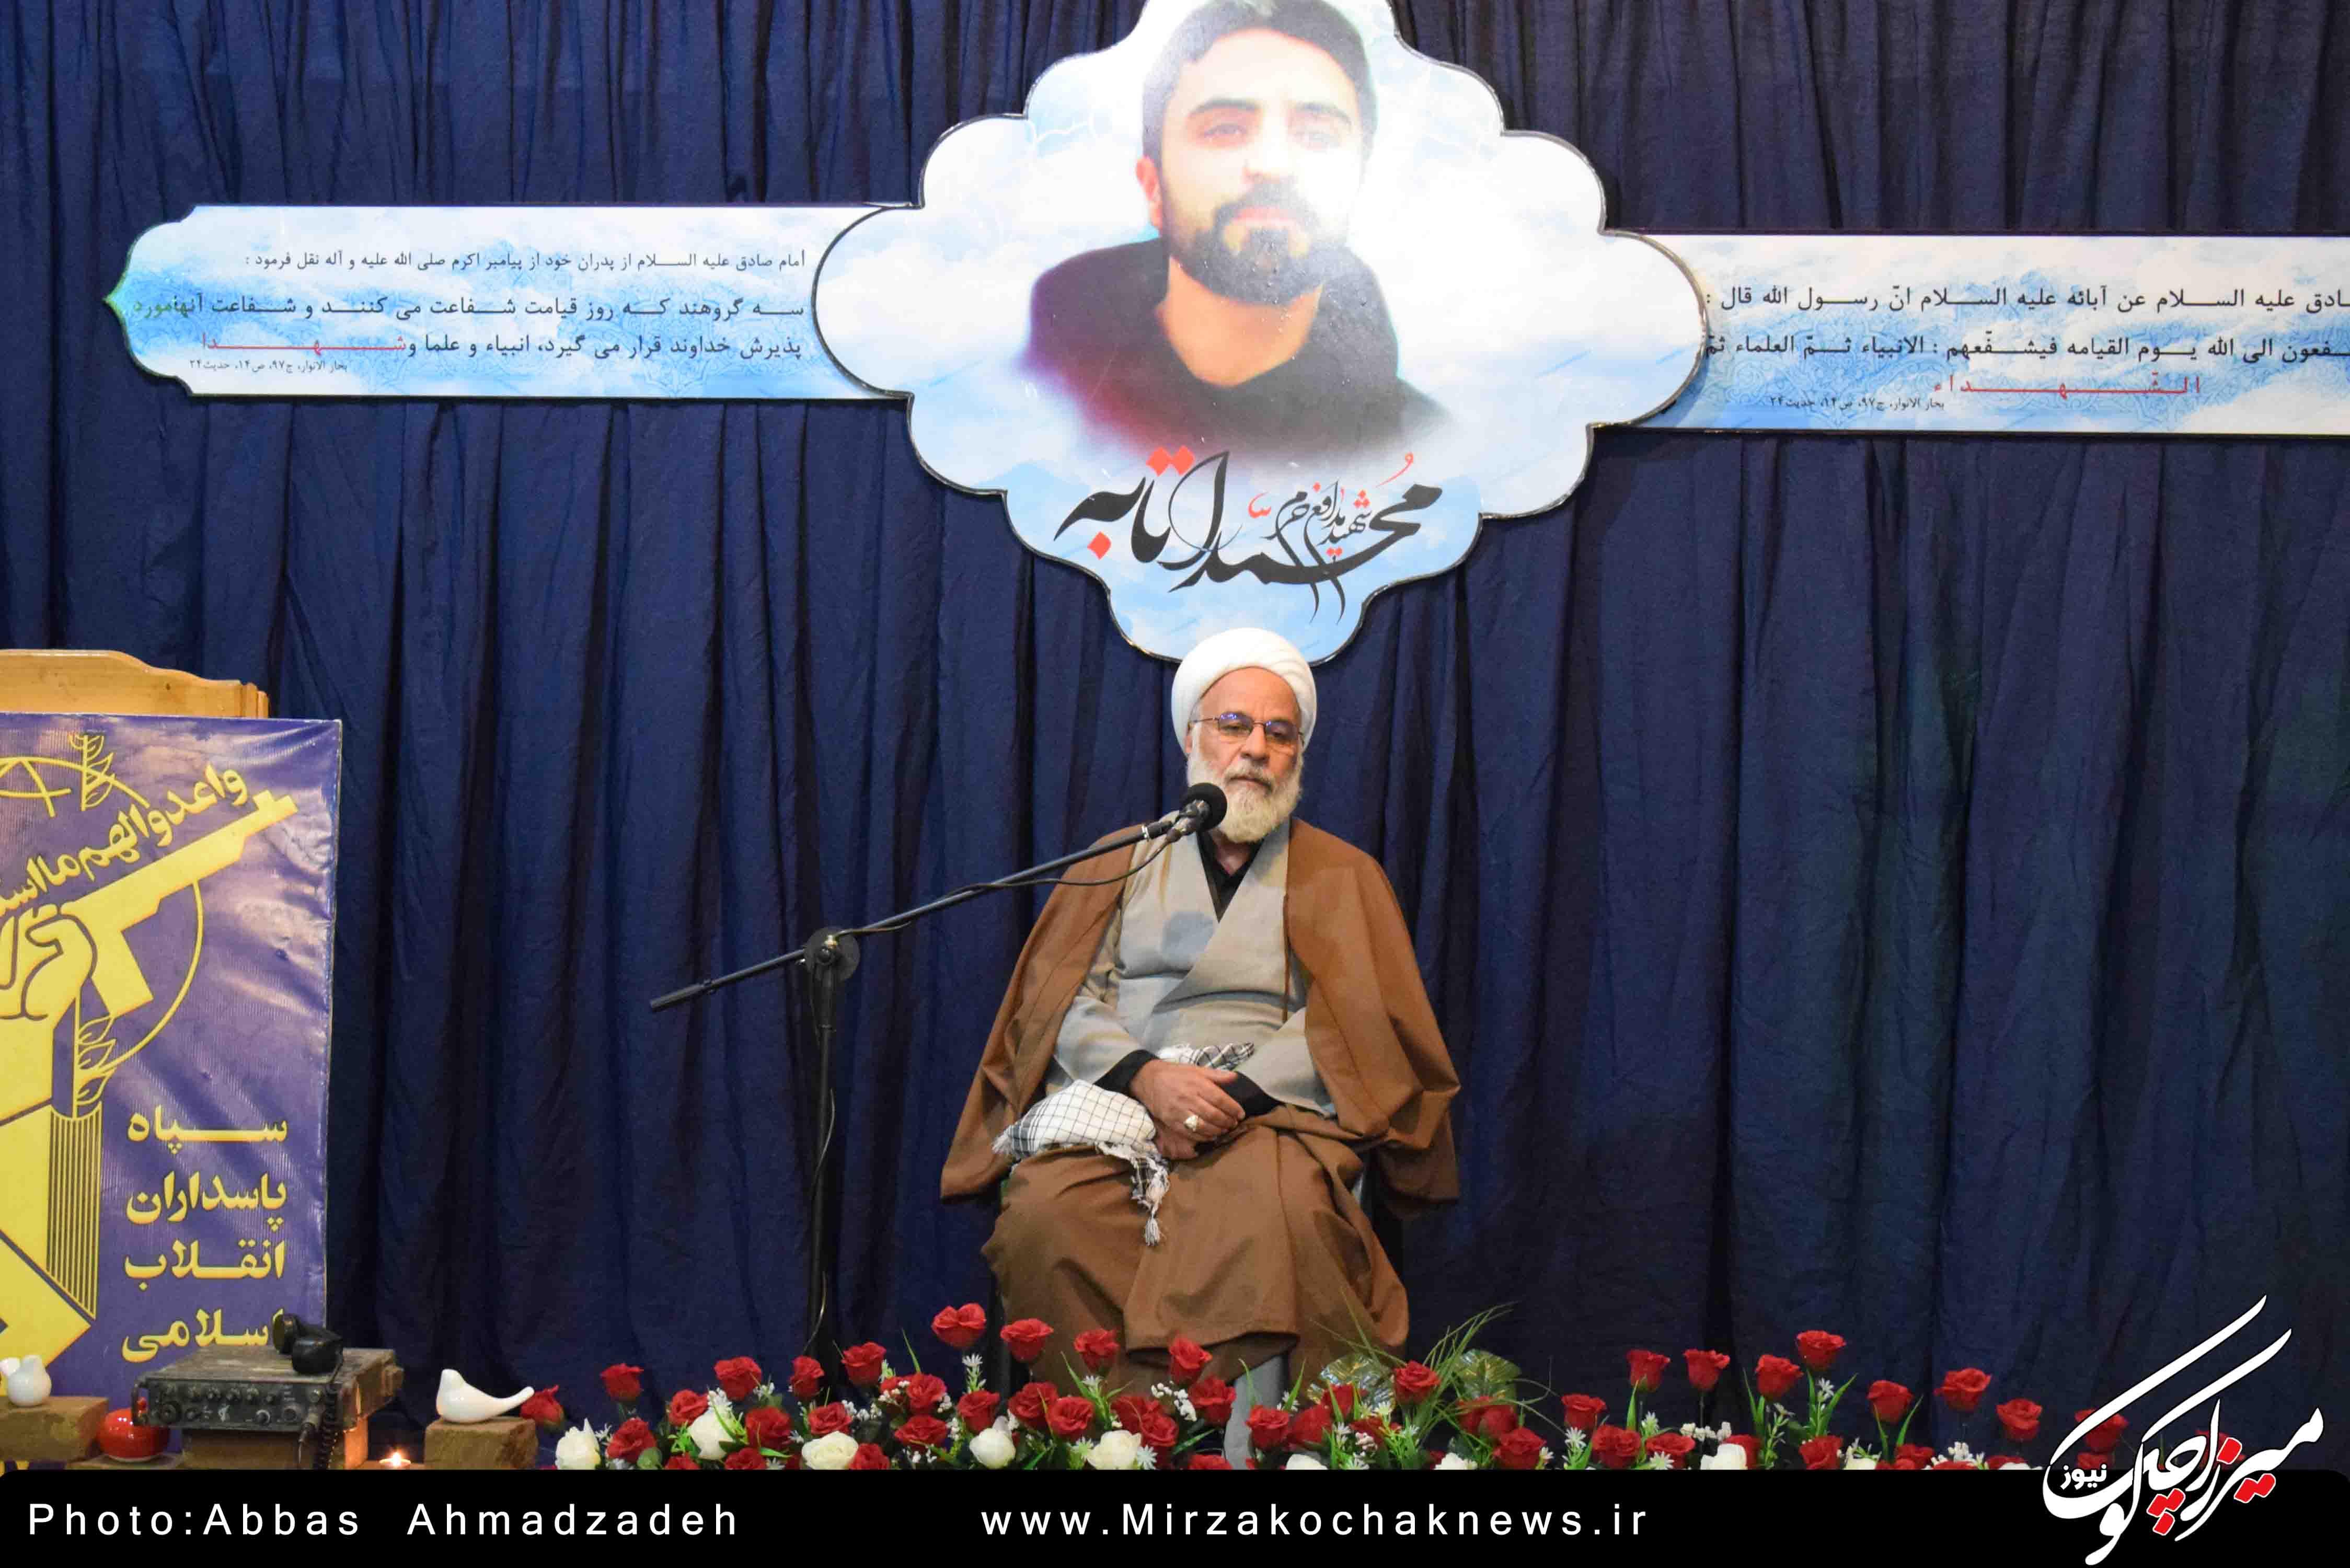 گزارش تصویری از مراسم اربعین شهید مدافع حرم محمد اتابه